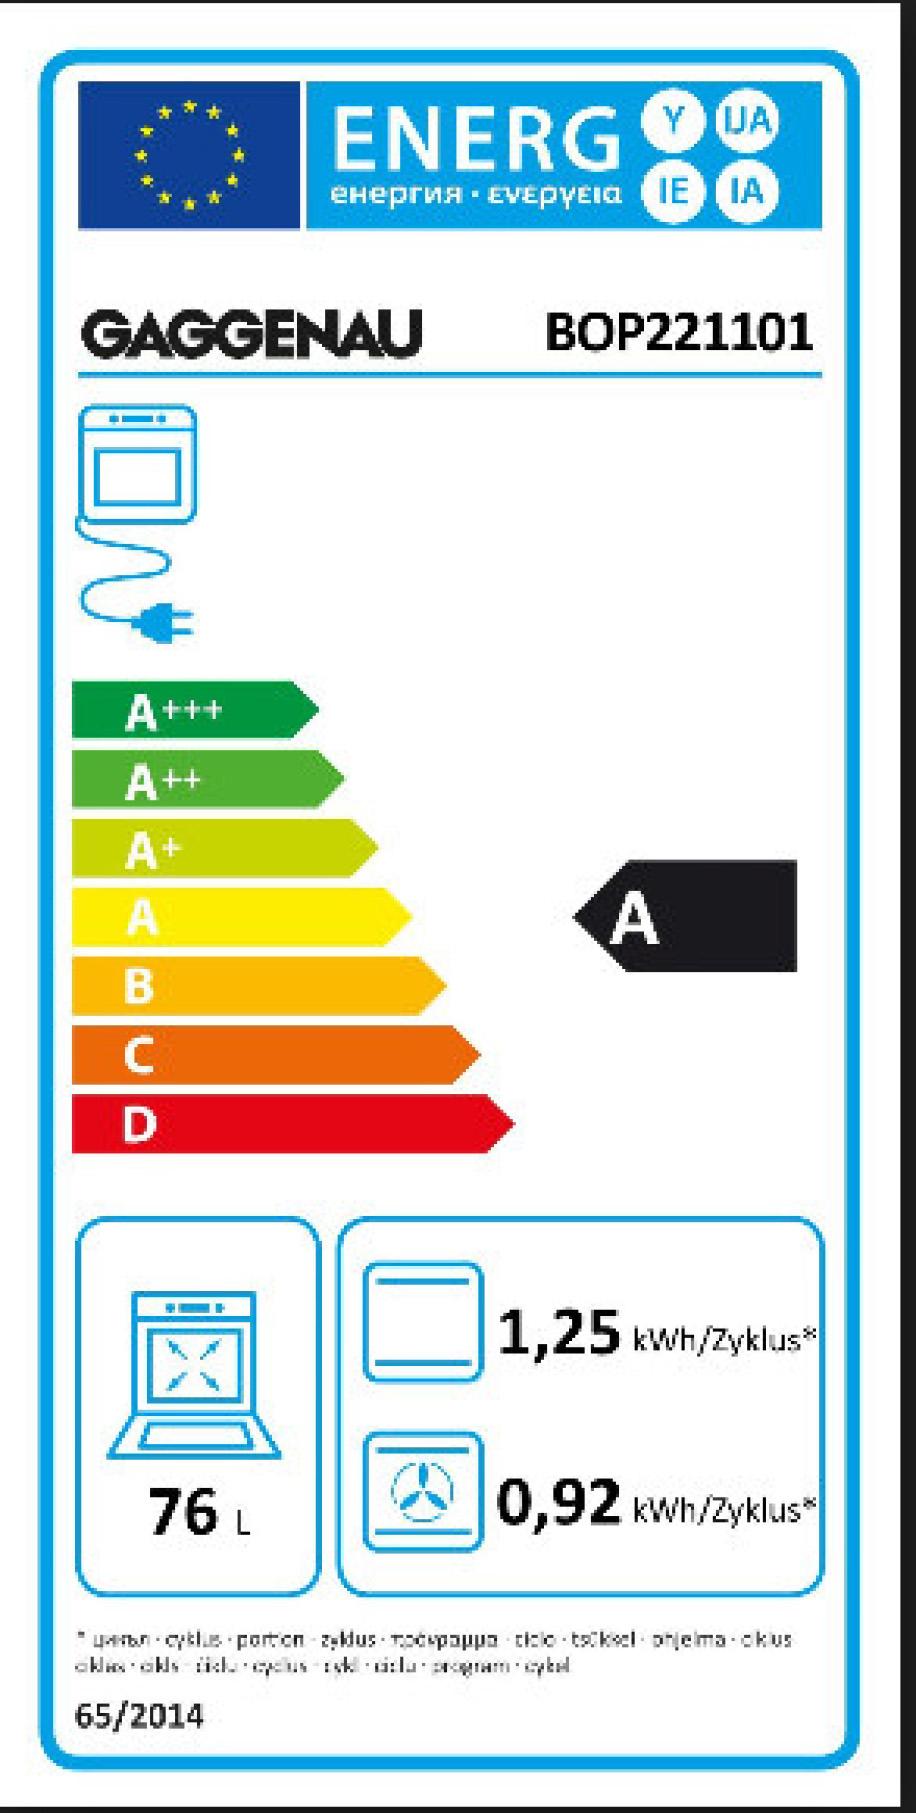 Gaggenau Energielabel